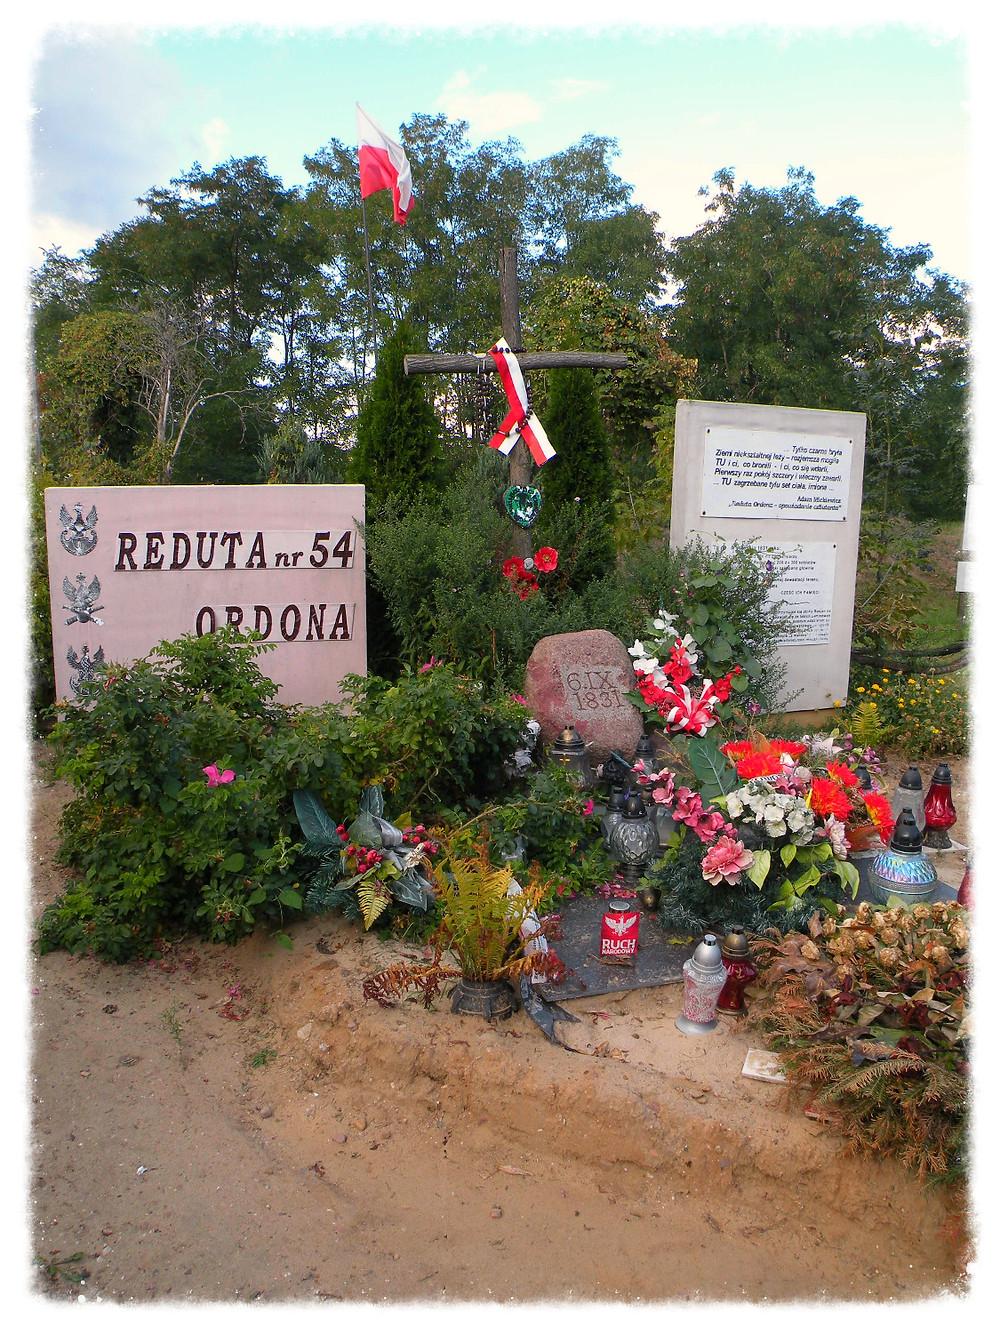 Reduta Ordona - miejsce pamięci i akcji protestacyjnej.